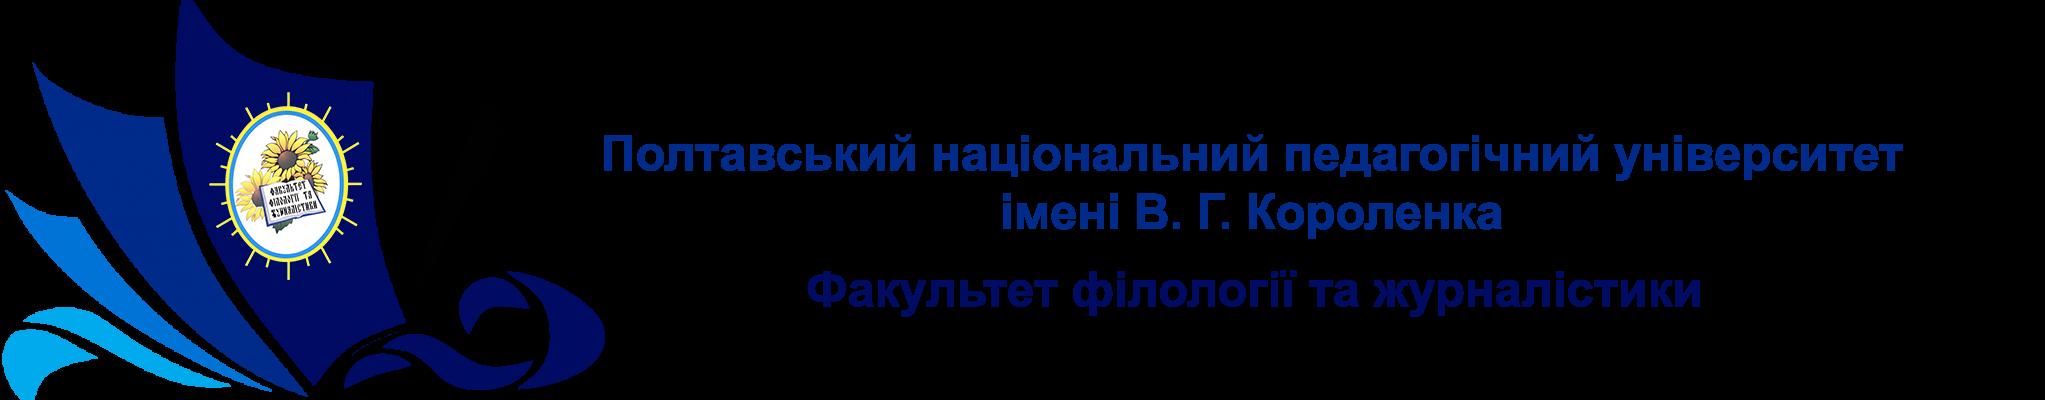 Факультет філології та журналістики